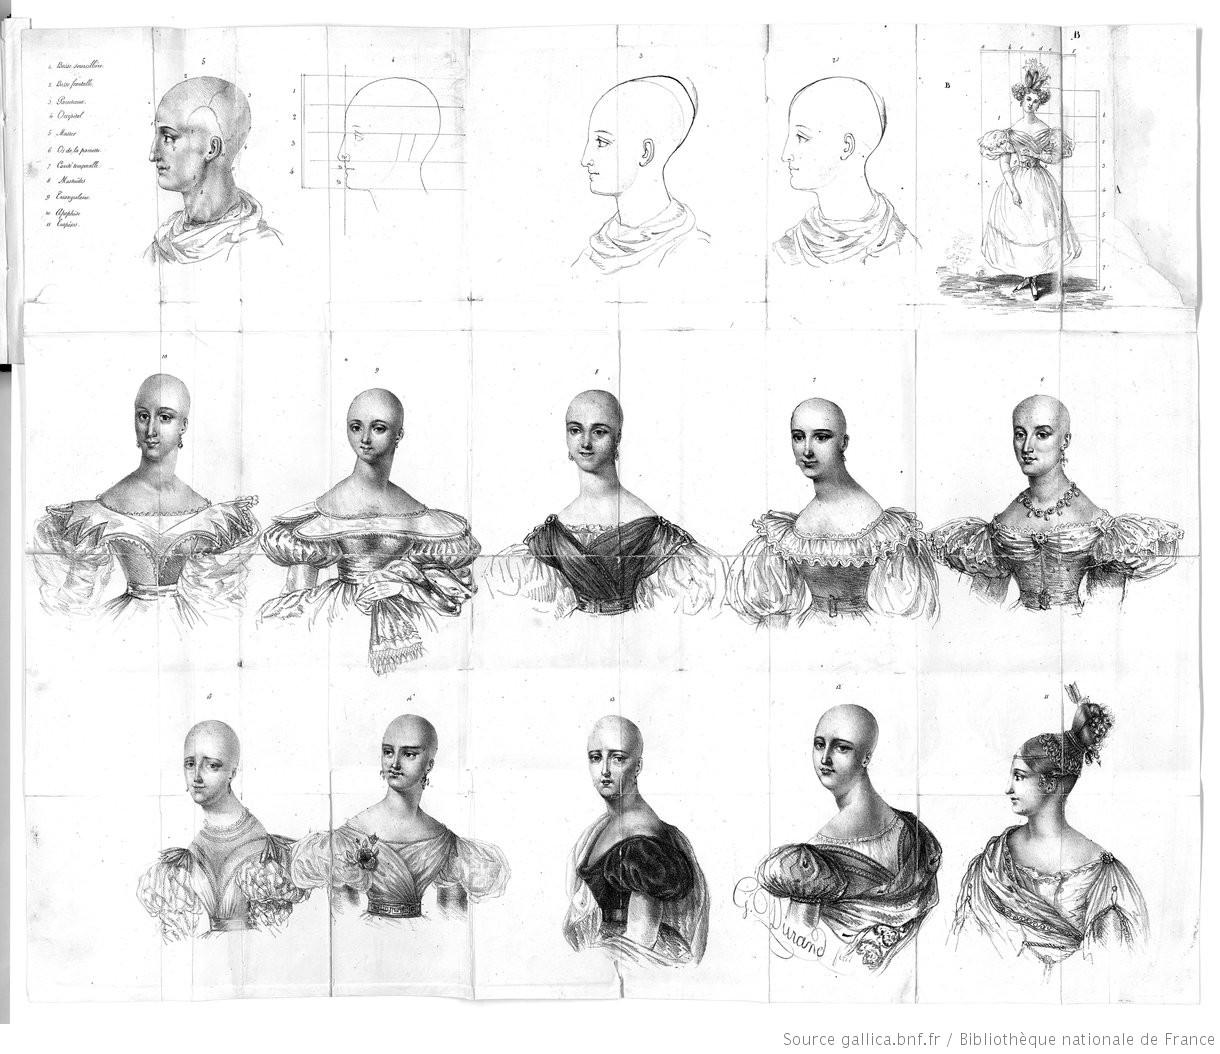 Ouvrages du début du XIXème siècle (1800-1850) : Cosmétiques, et beauté